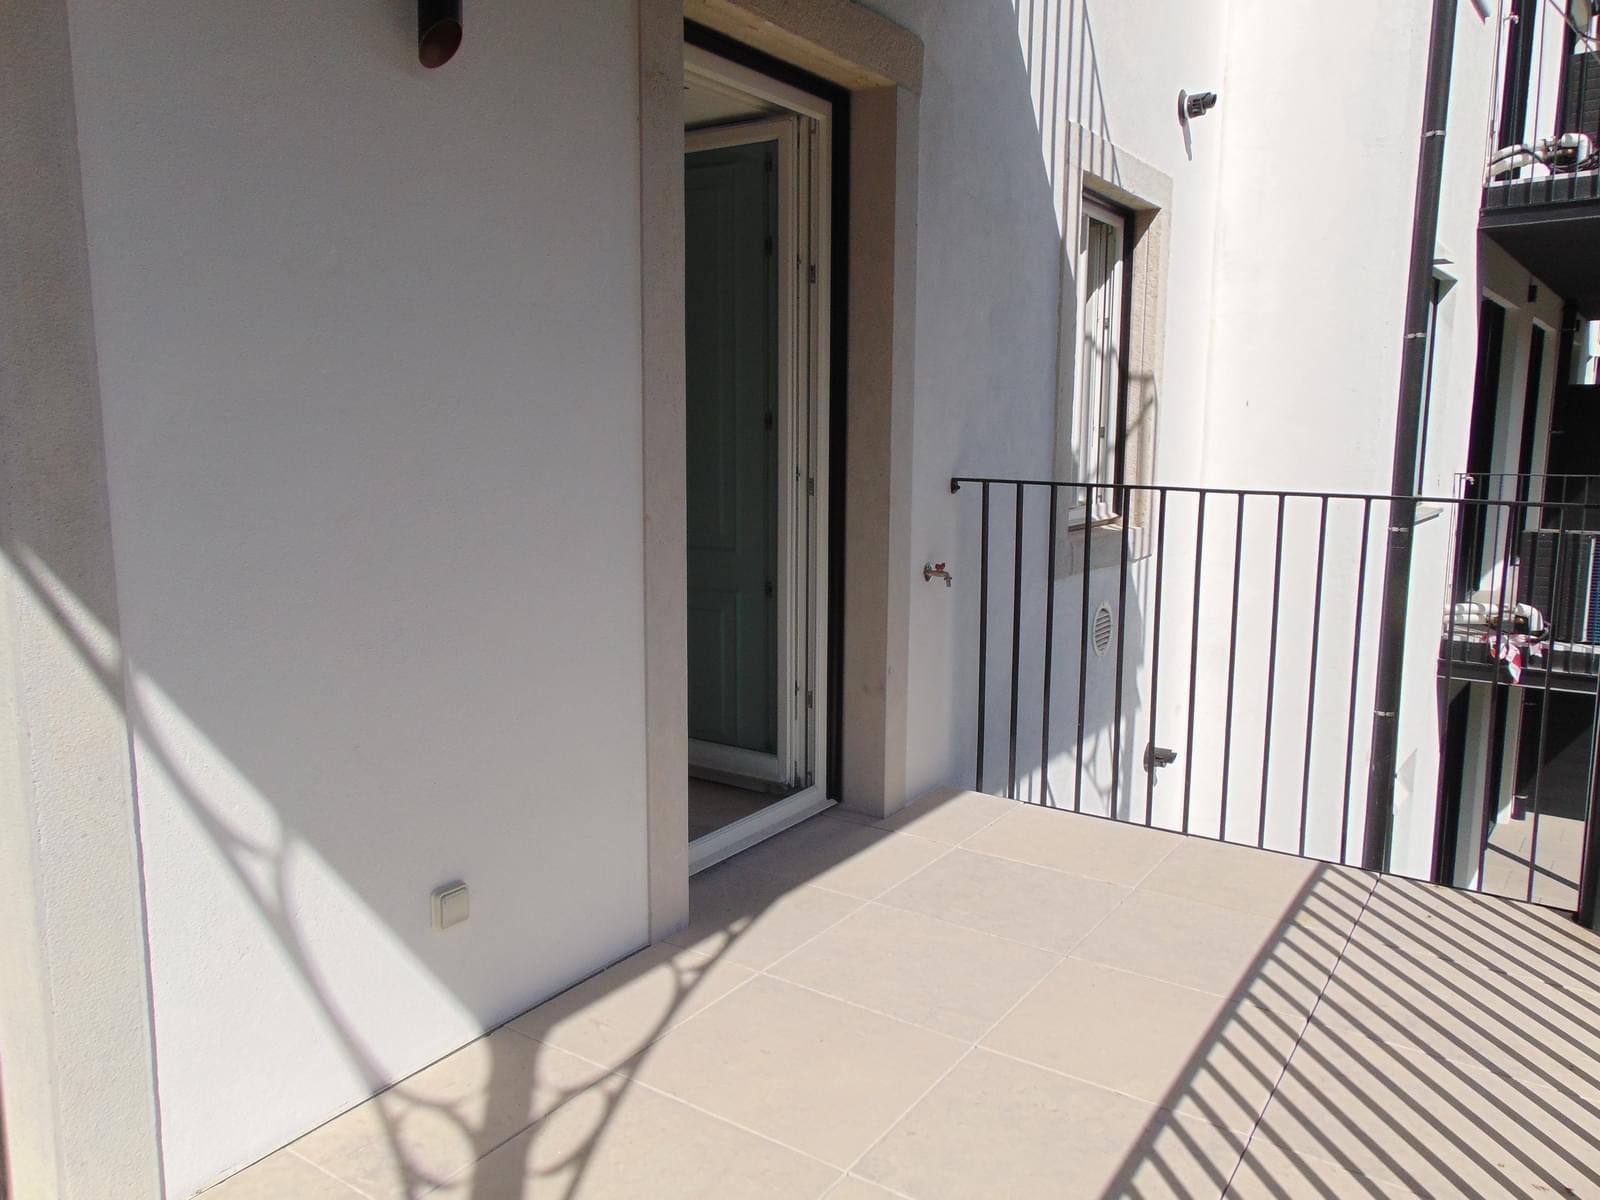 pf18152-apartamento-t2-lisboa-98809036-c559-43ff-bb6a-e16143abf877